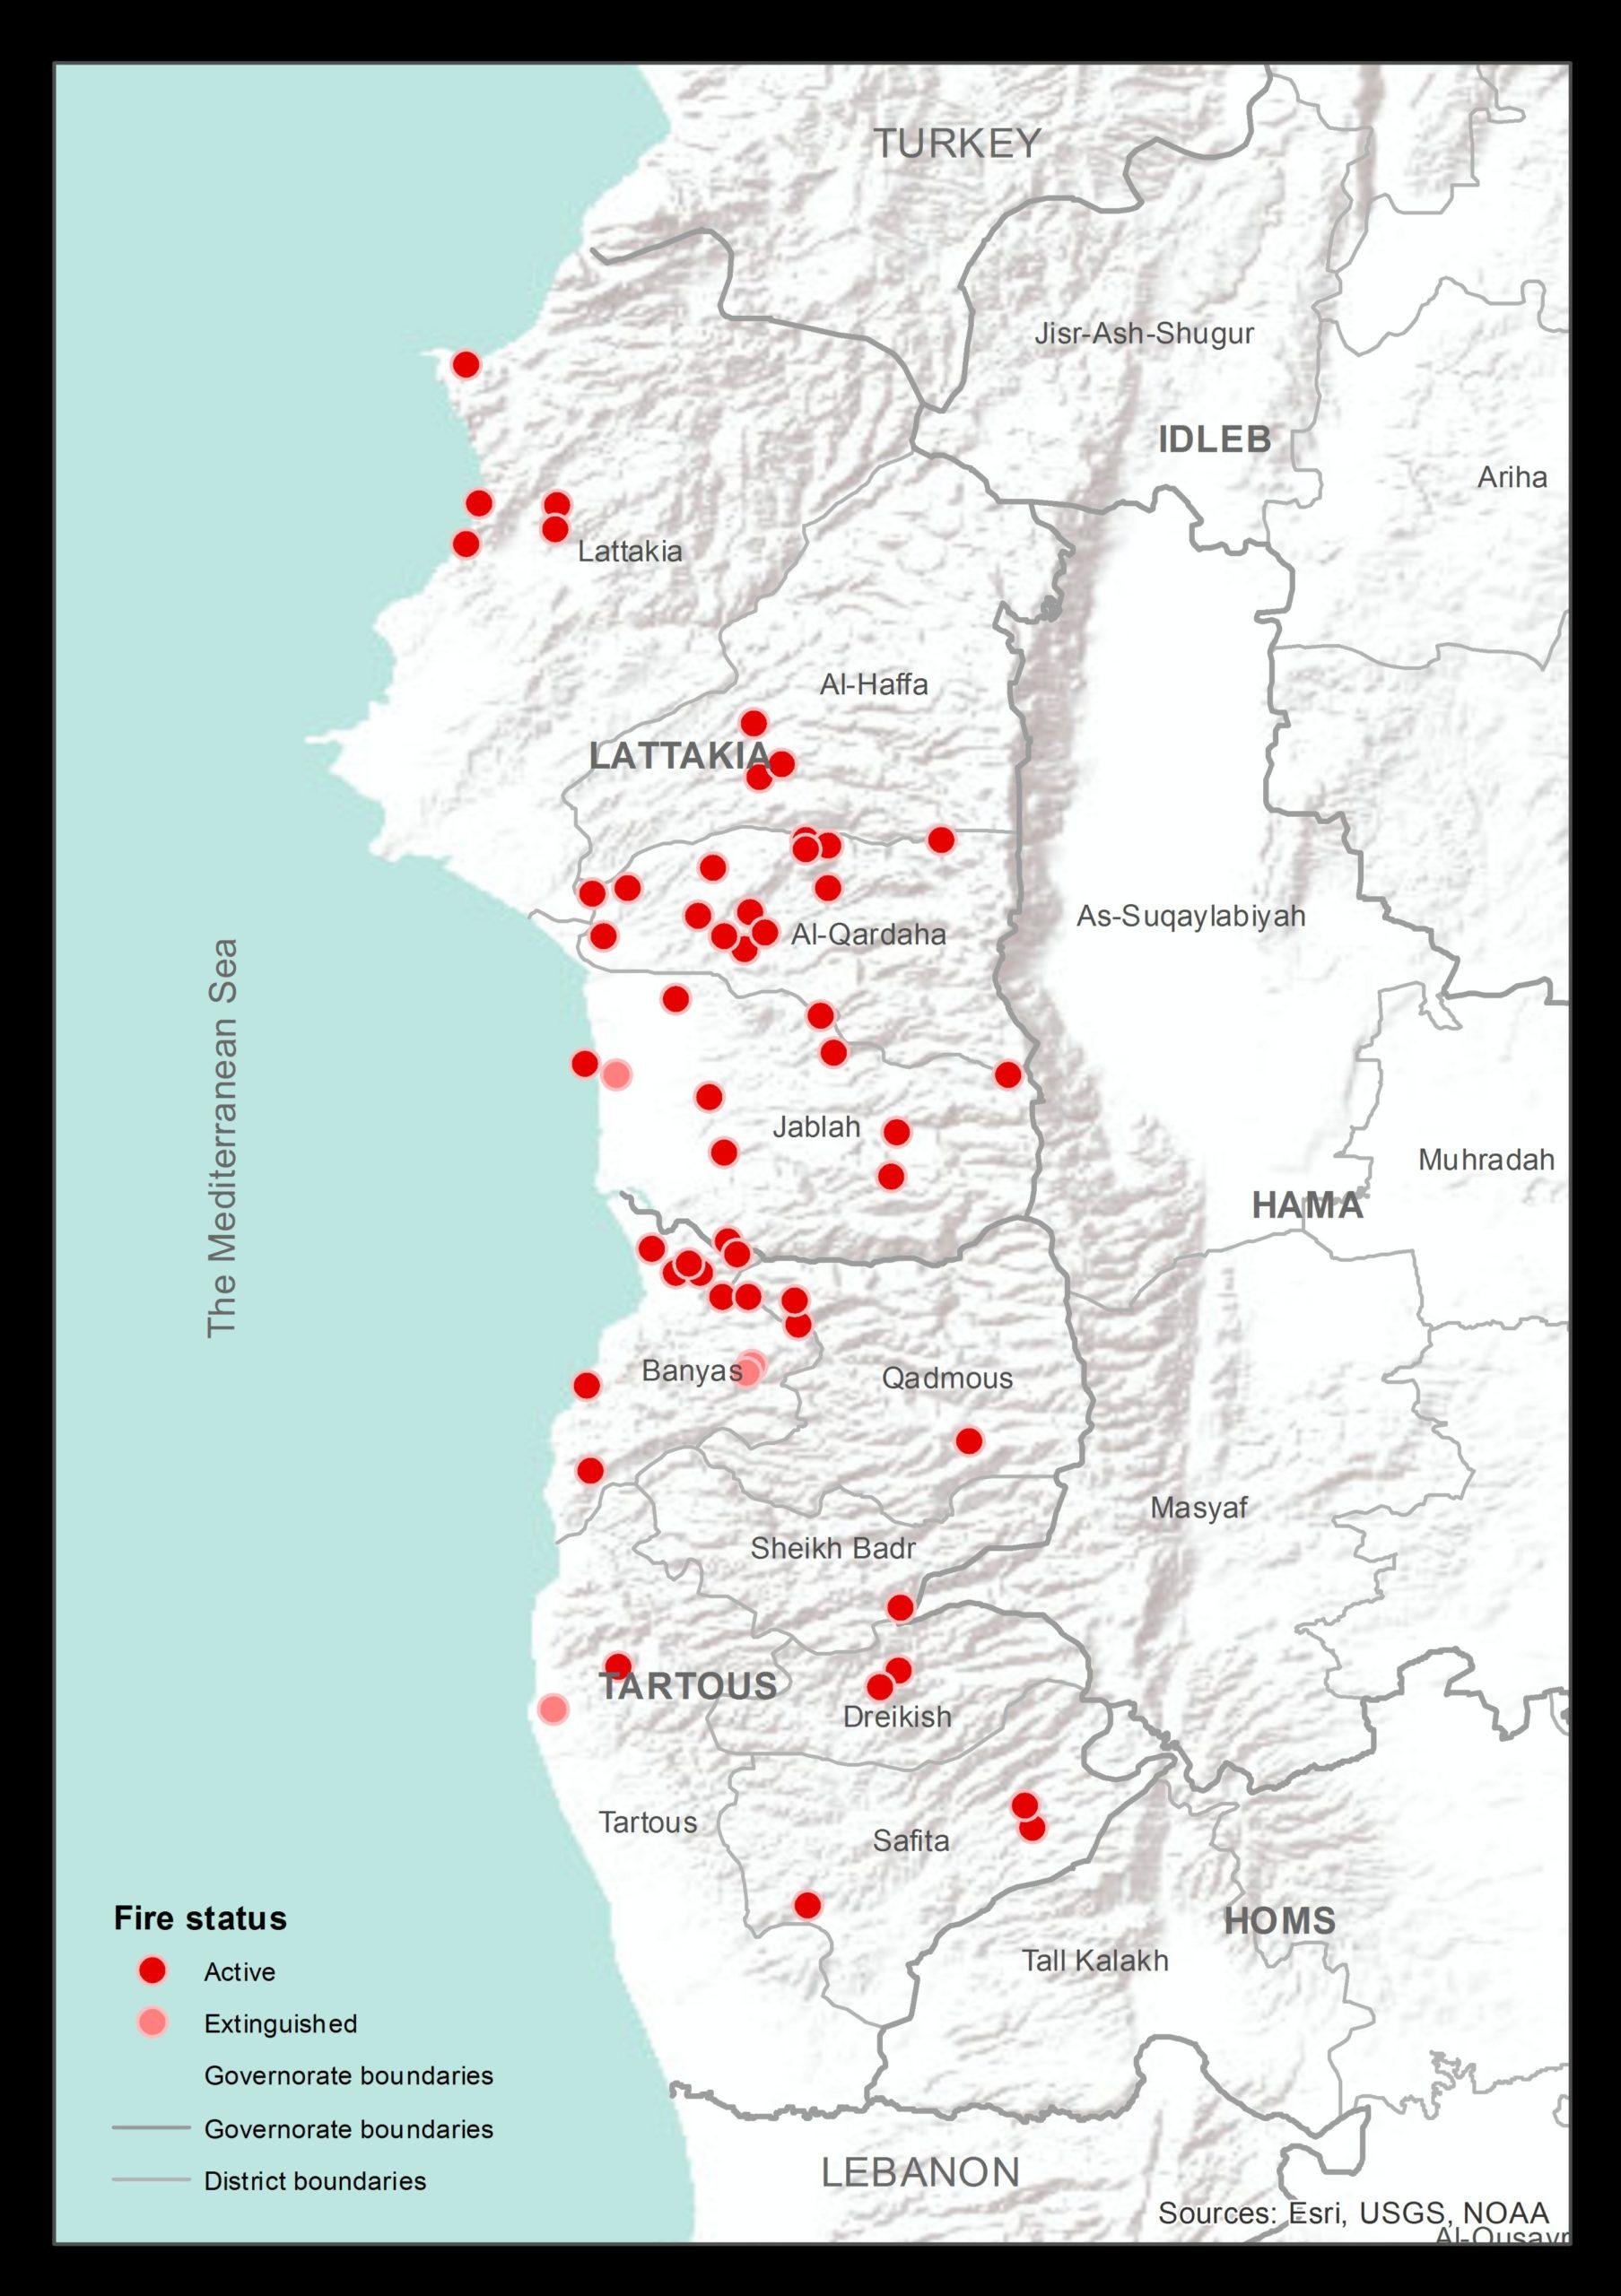 خريطة تظهر توزع أبرز الحرائق في الساحل السوري (مكتب الأمم المتحدة لتنسيق الشؤون الإنسانية)